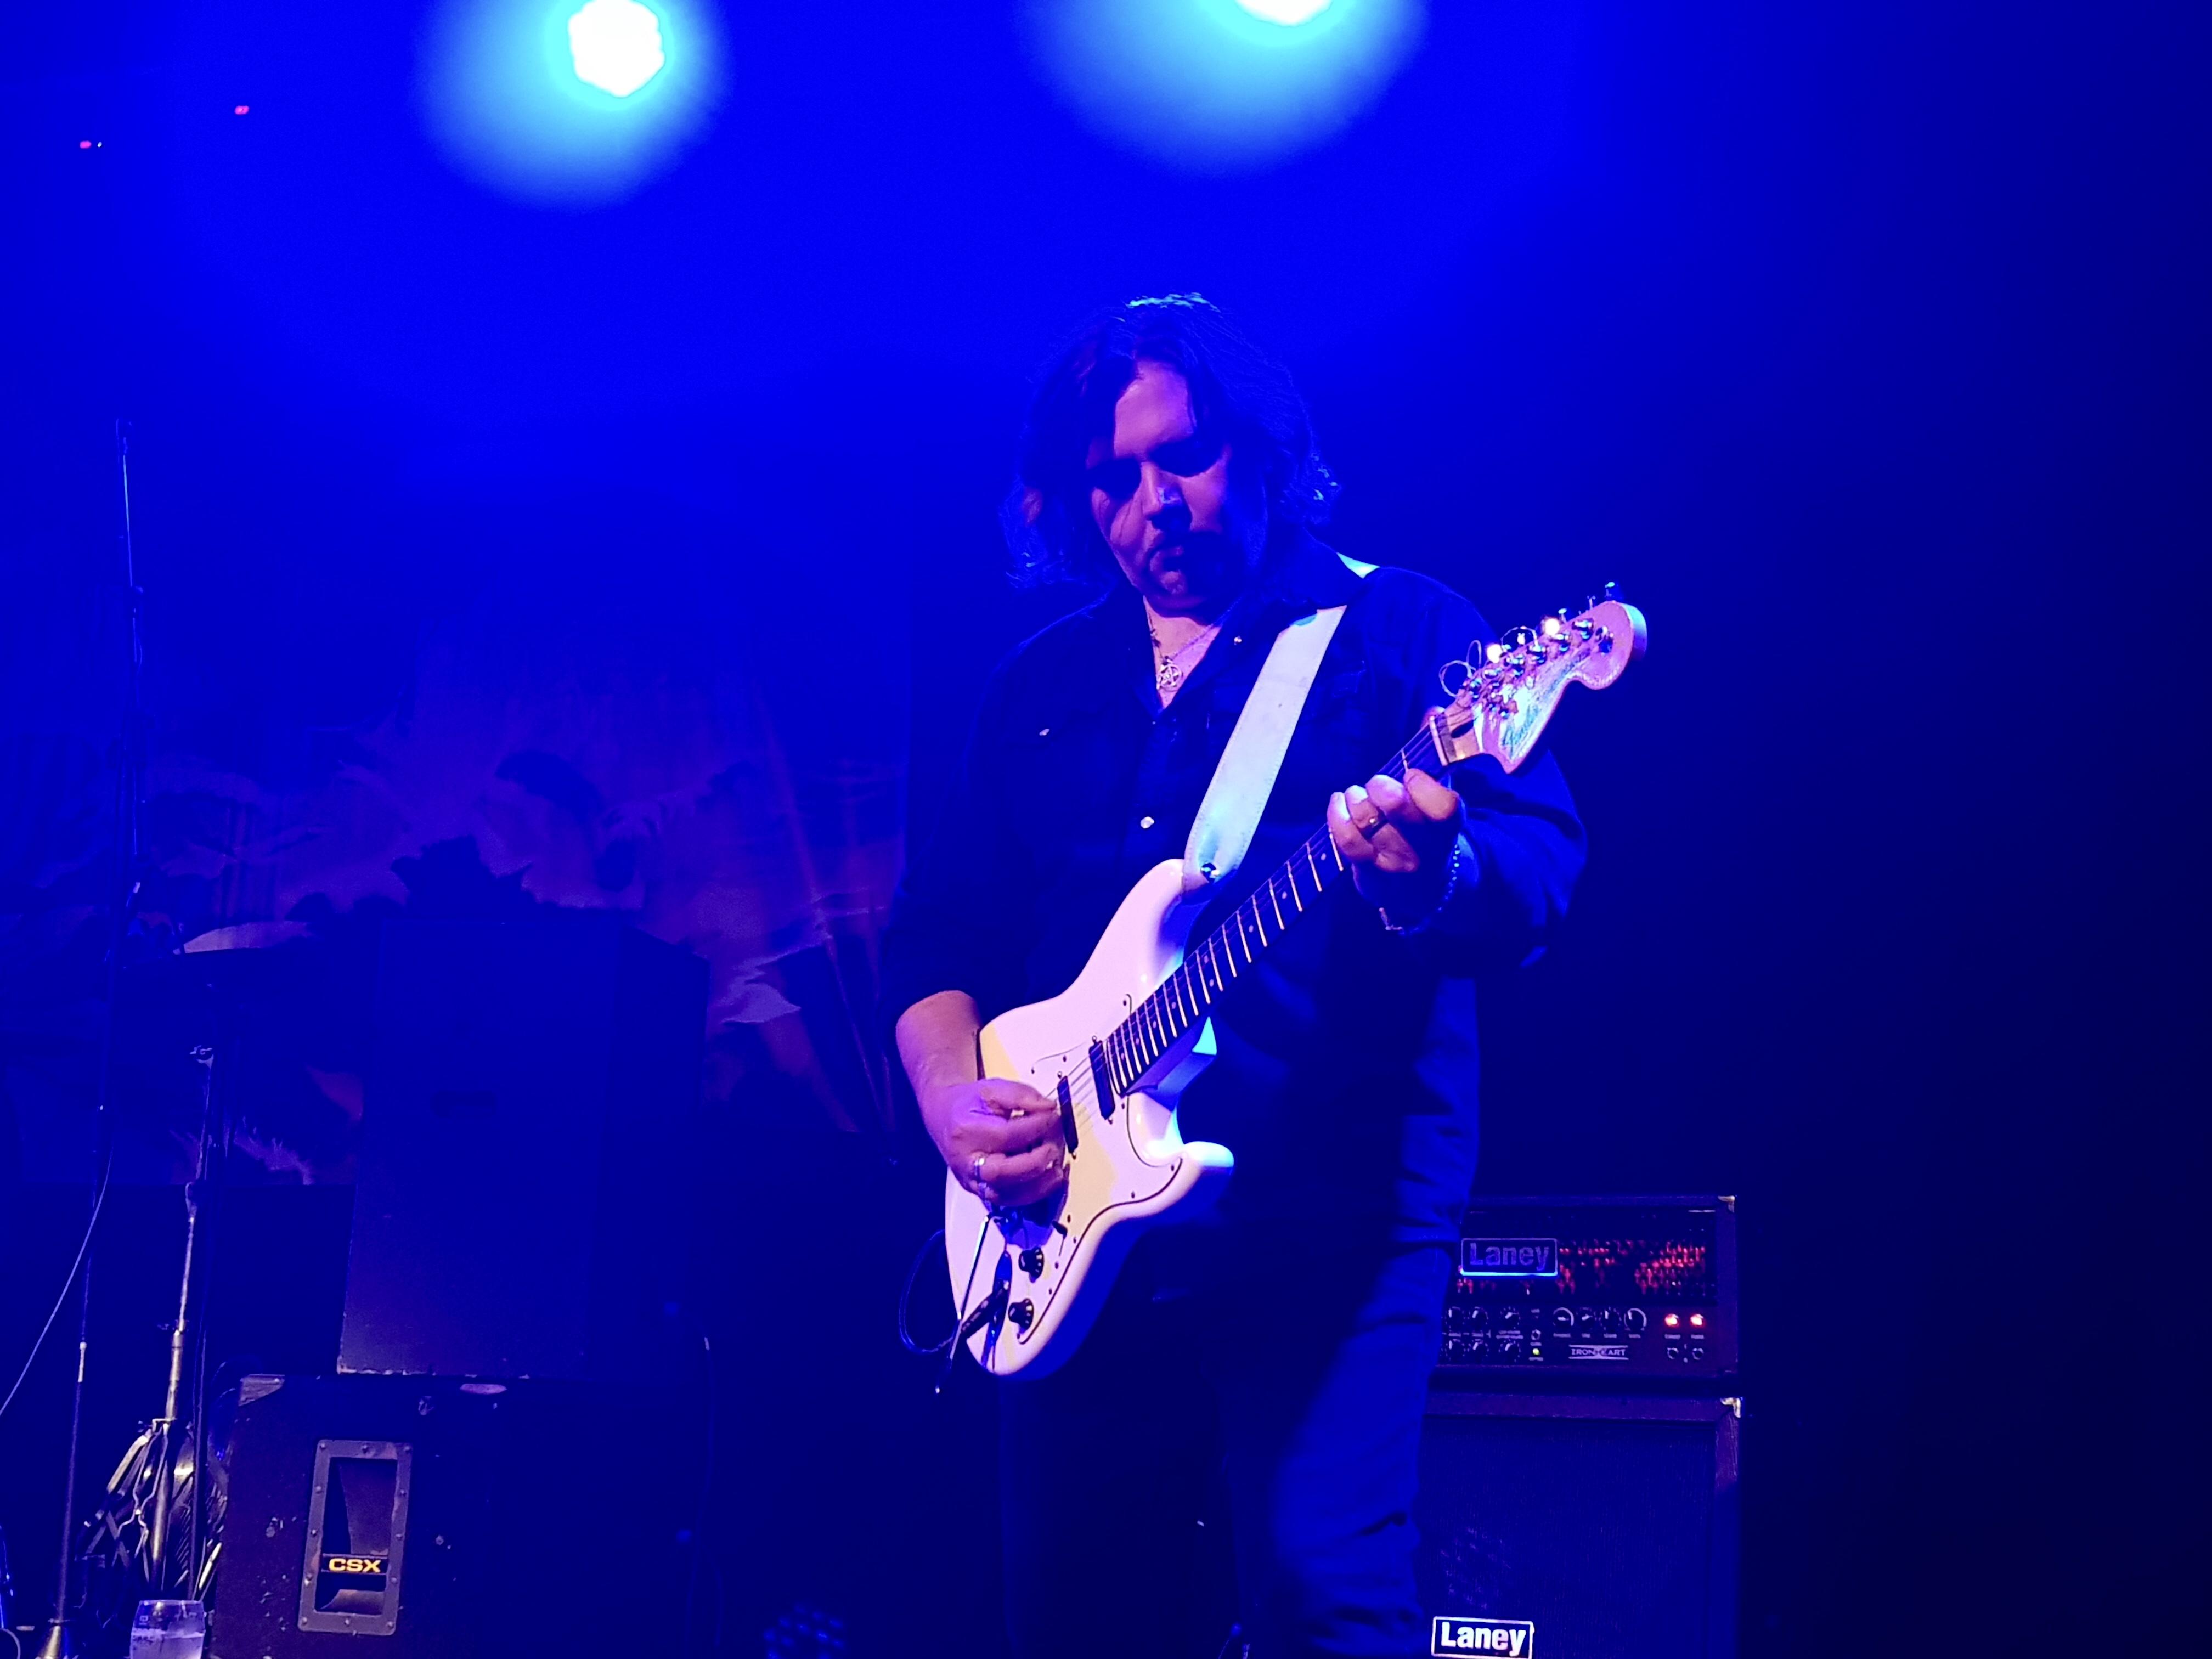 Tavistock2007201952